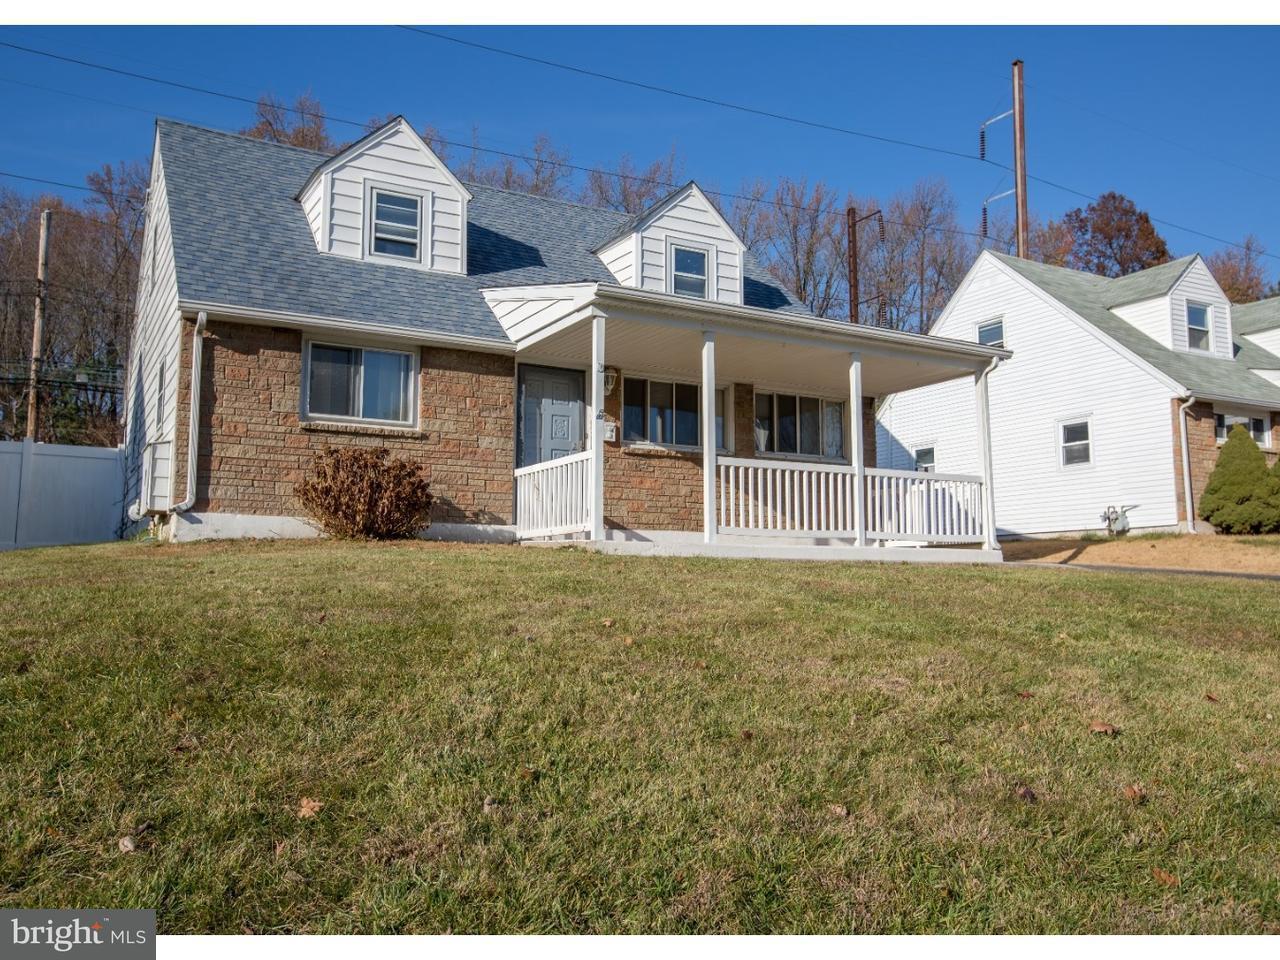 独户住宅 为 销售 在 2447 SECANE Road Secane, 宾夕法尼亚州 19018 美国